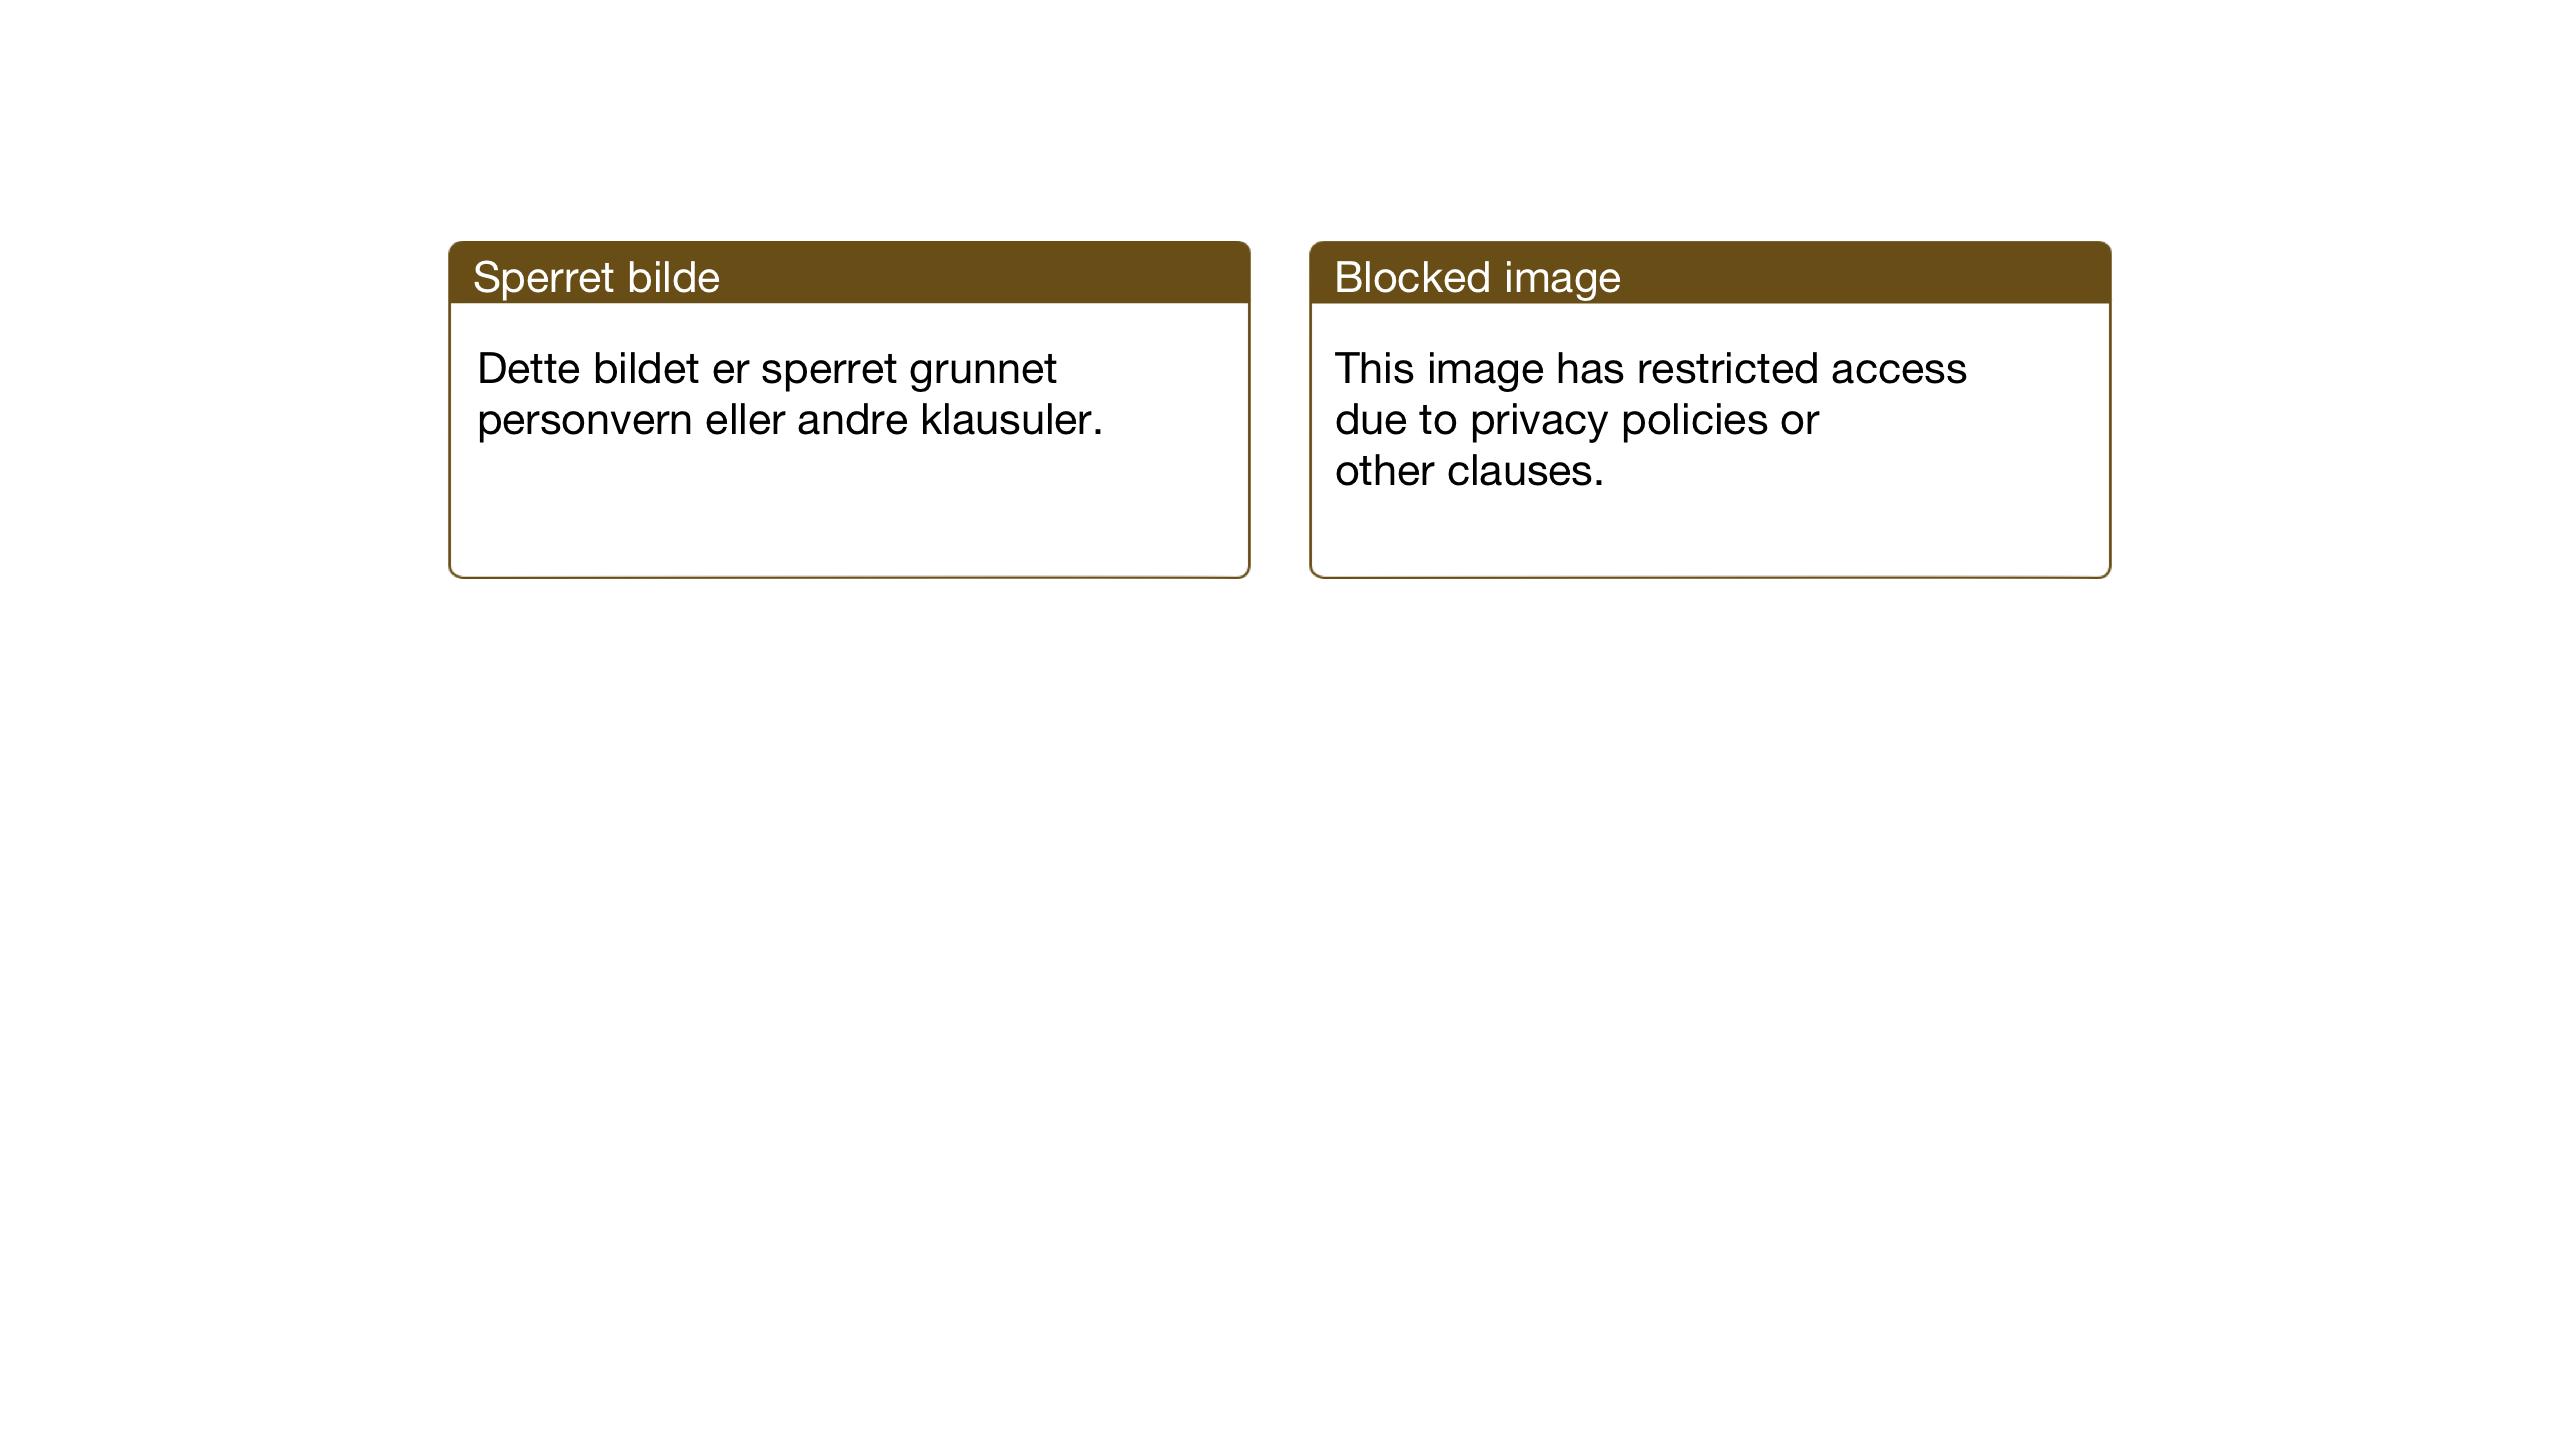 SAT, Ministerialprotokoller, klokkerbøker og fødselsregistre - Nord-Trøndelag, 773/L0625: Klokkerbok nr. 773C01, 1910-1952, s. 250